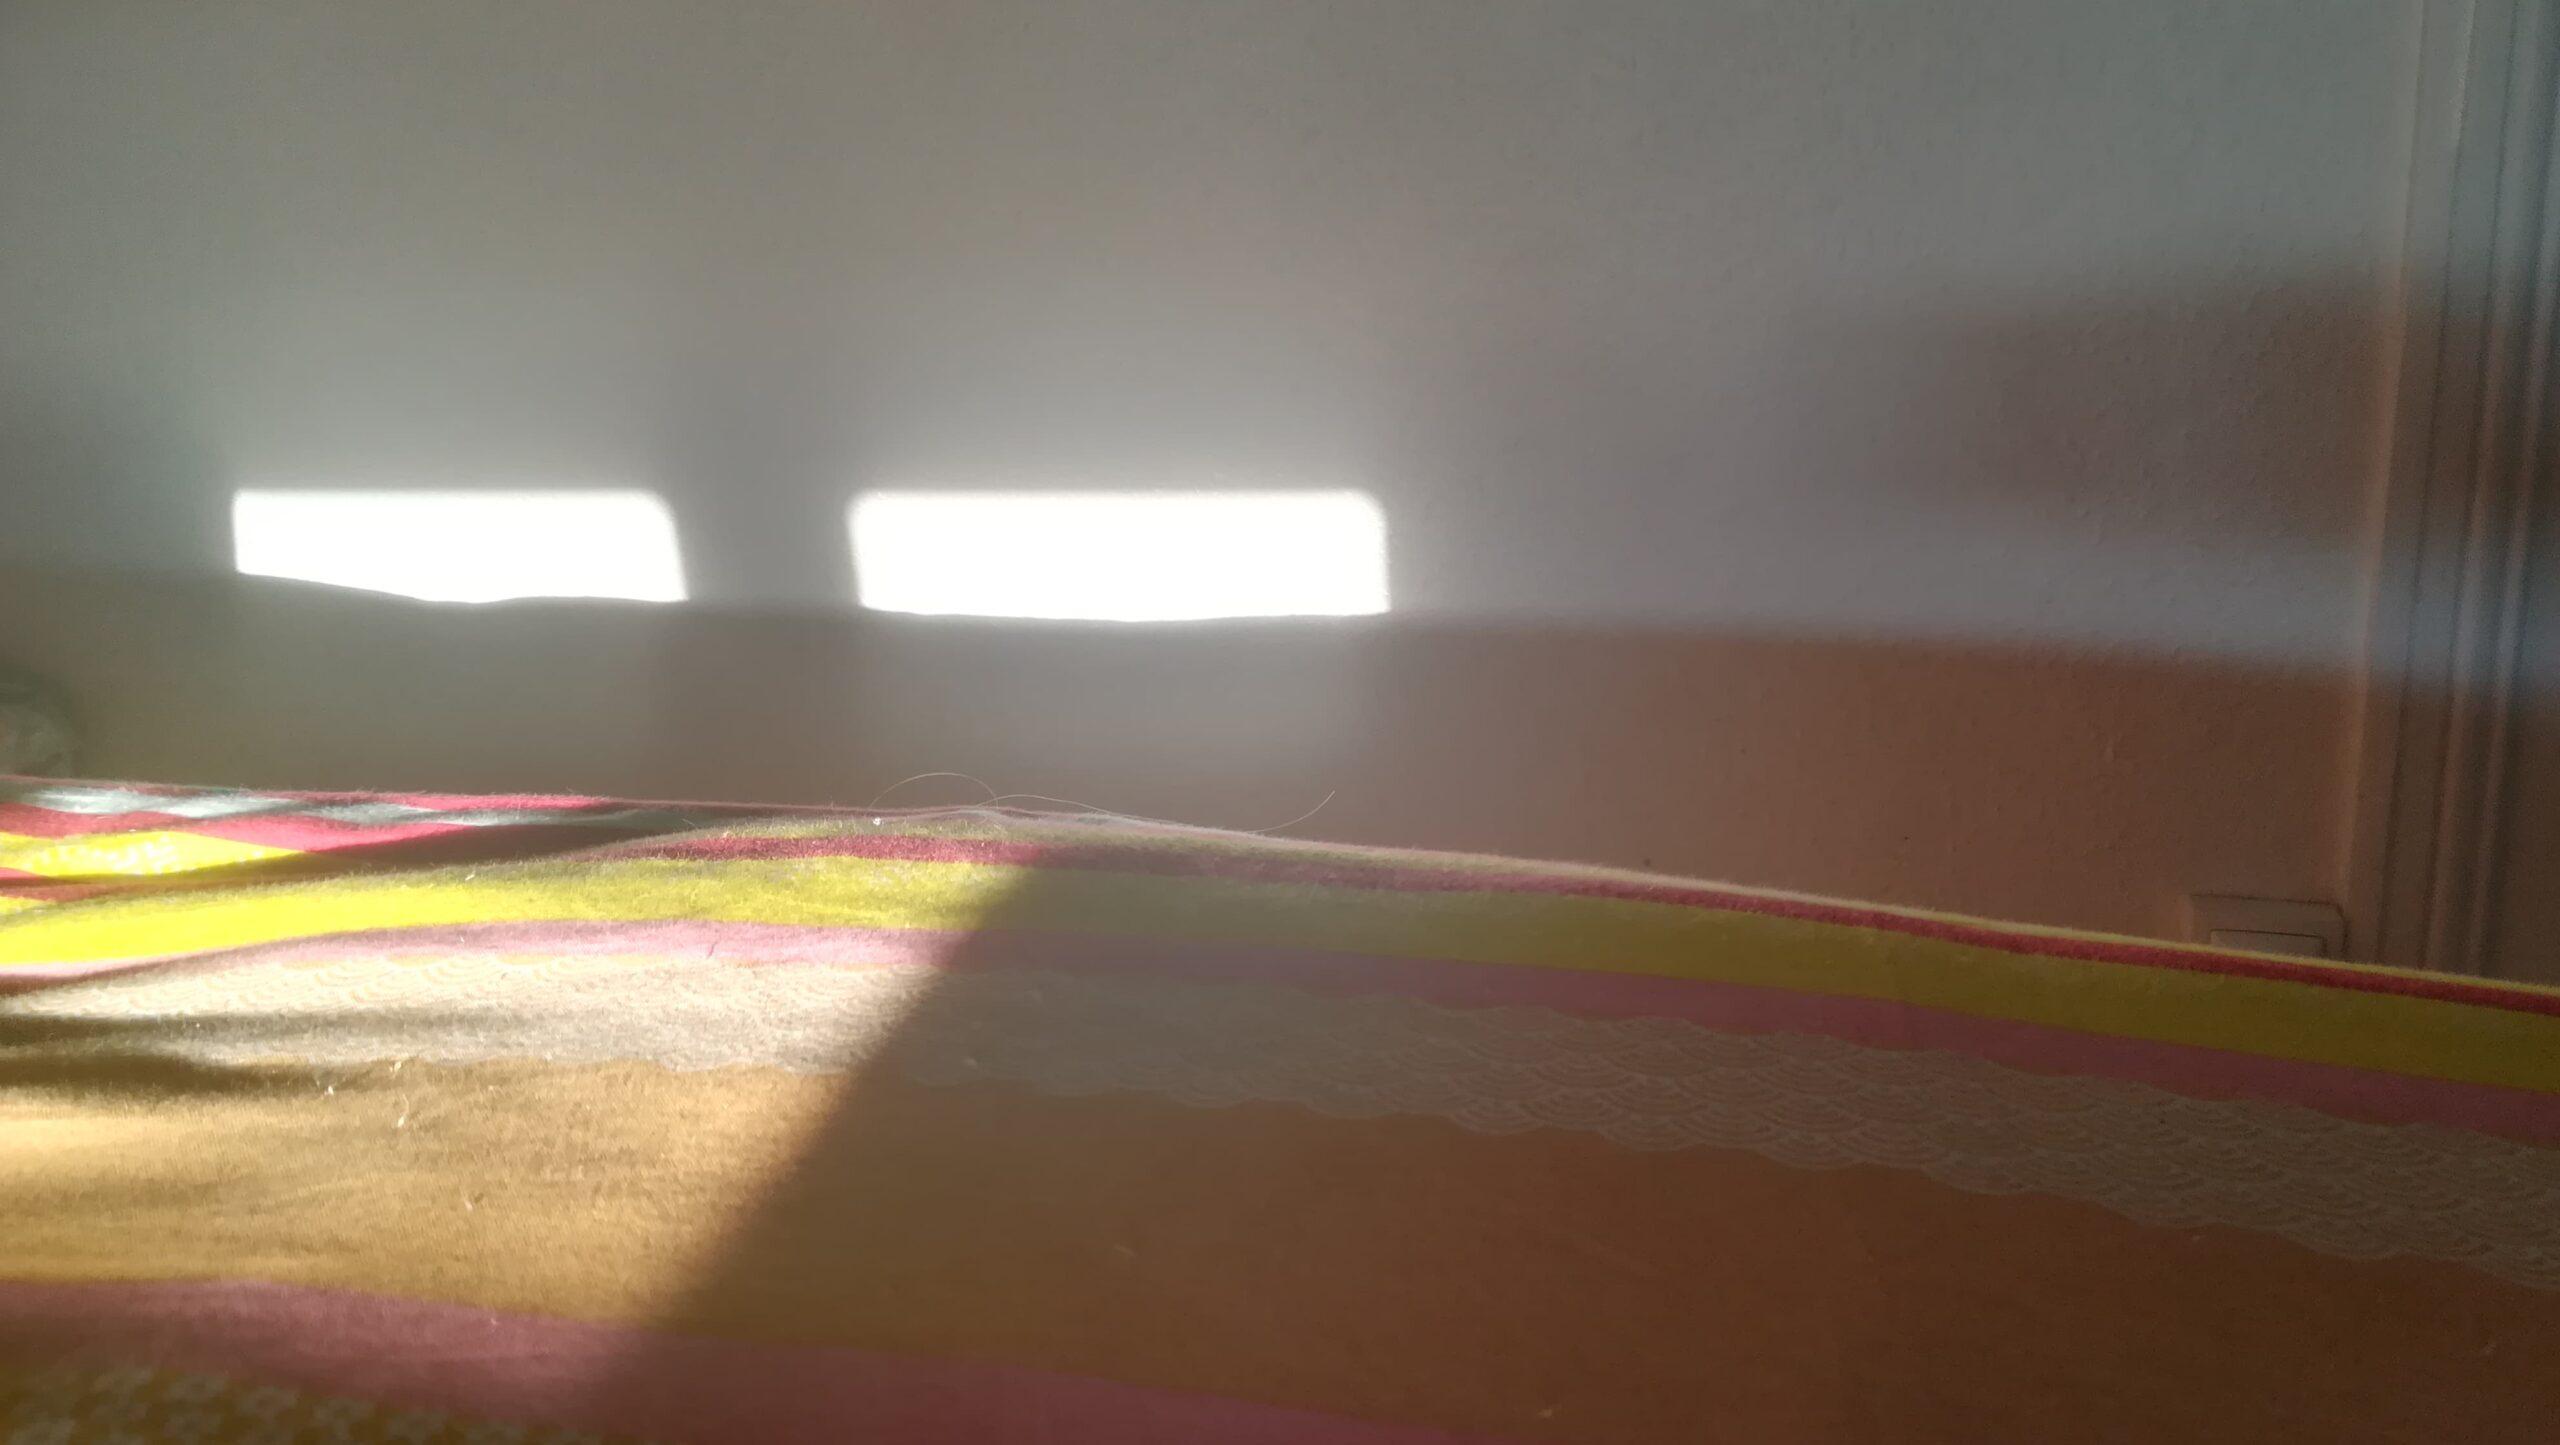 L'image est divisée en deux horizontalement. Dans la partie basse, une couverture multicolores. Le rose laisse place au orange, au blanc, au rose de nouveau que le jaune remplace, puis le rouge traversé par une bande bleue. Ces traits de couleur sont horizontaux. Au-delà de cette couverture, un mur blanc et lisse. À gauche de l'image, les rayons de soleil éclairent le lit, et forment deux tâches de lumières sur le mur, faisant penser aux yeux du soleil.